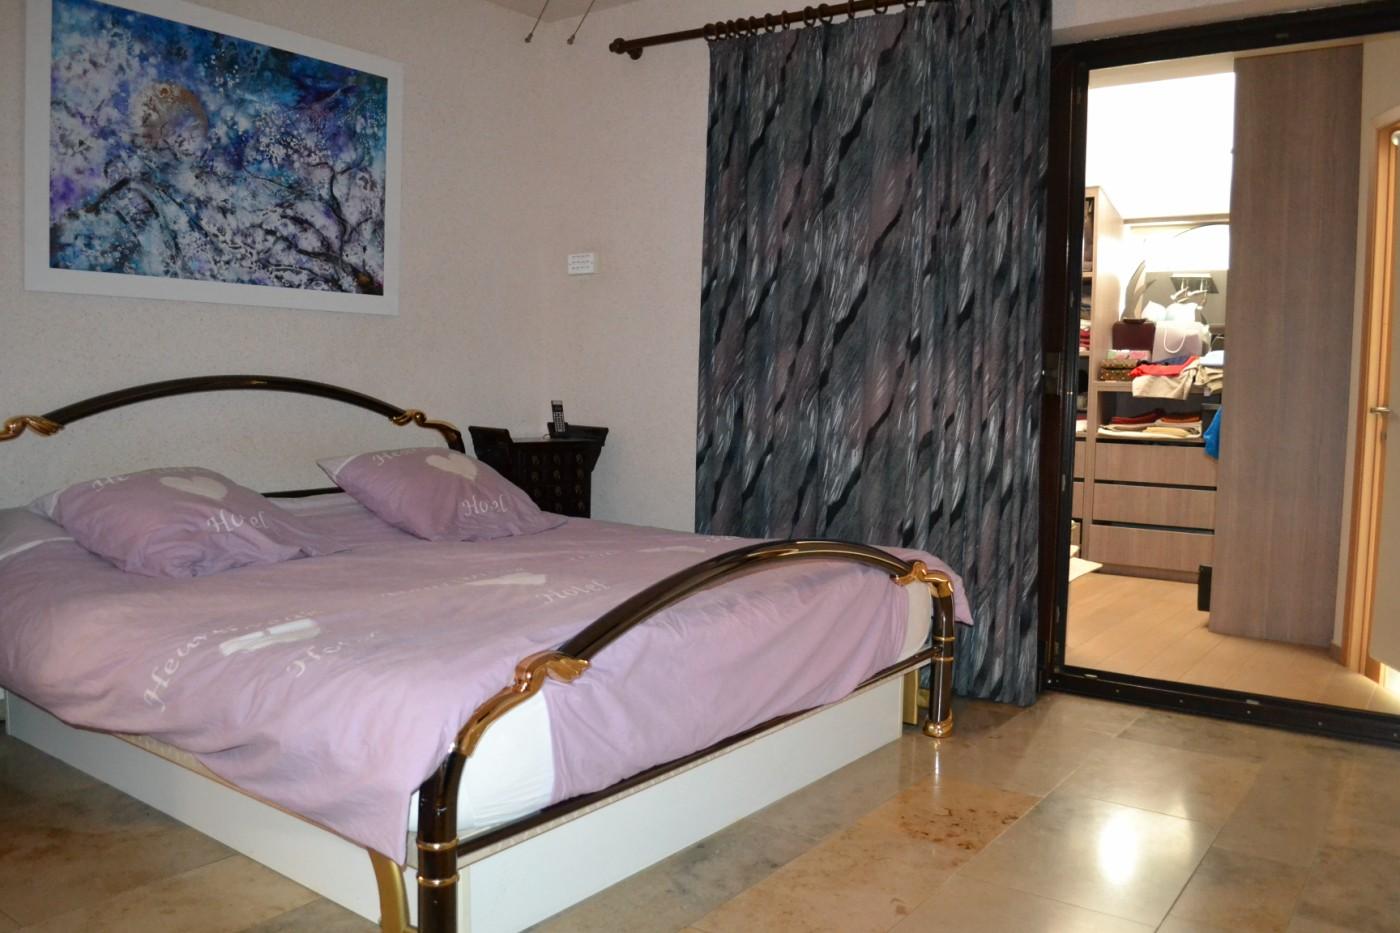 Zen Interieur Slaapkamer : Slaapkamer zen inrichten charmant slaapkamer zen inrichten